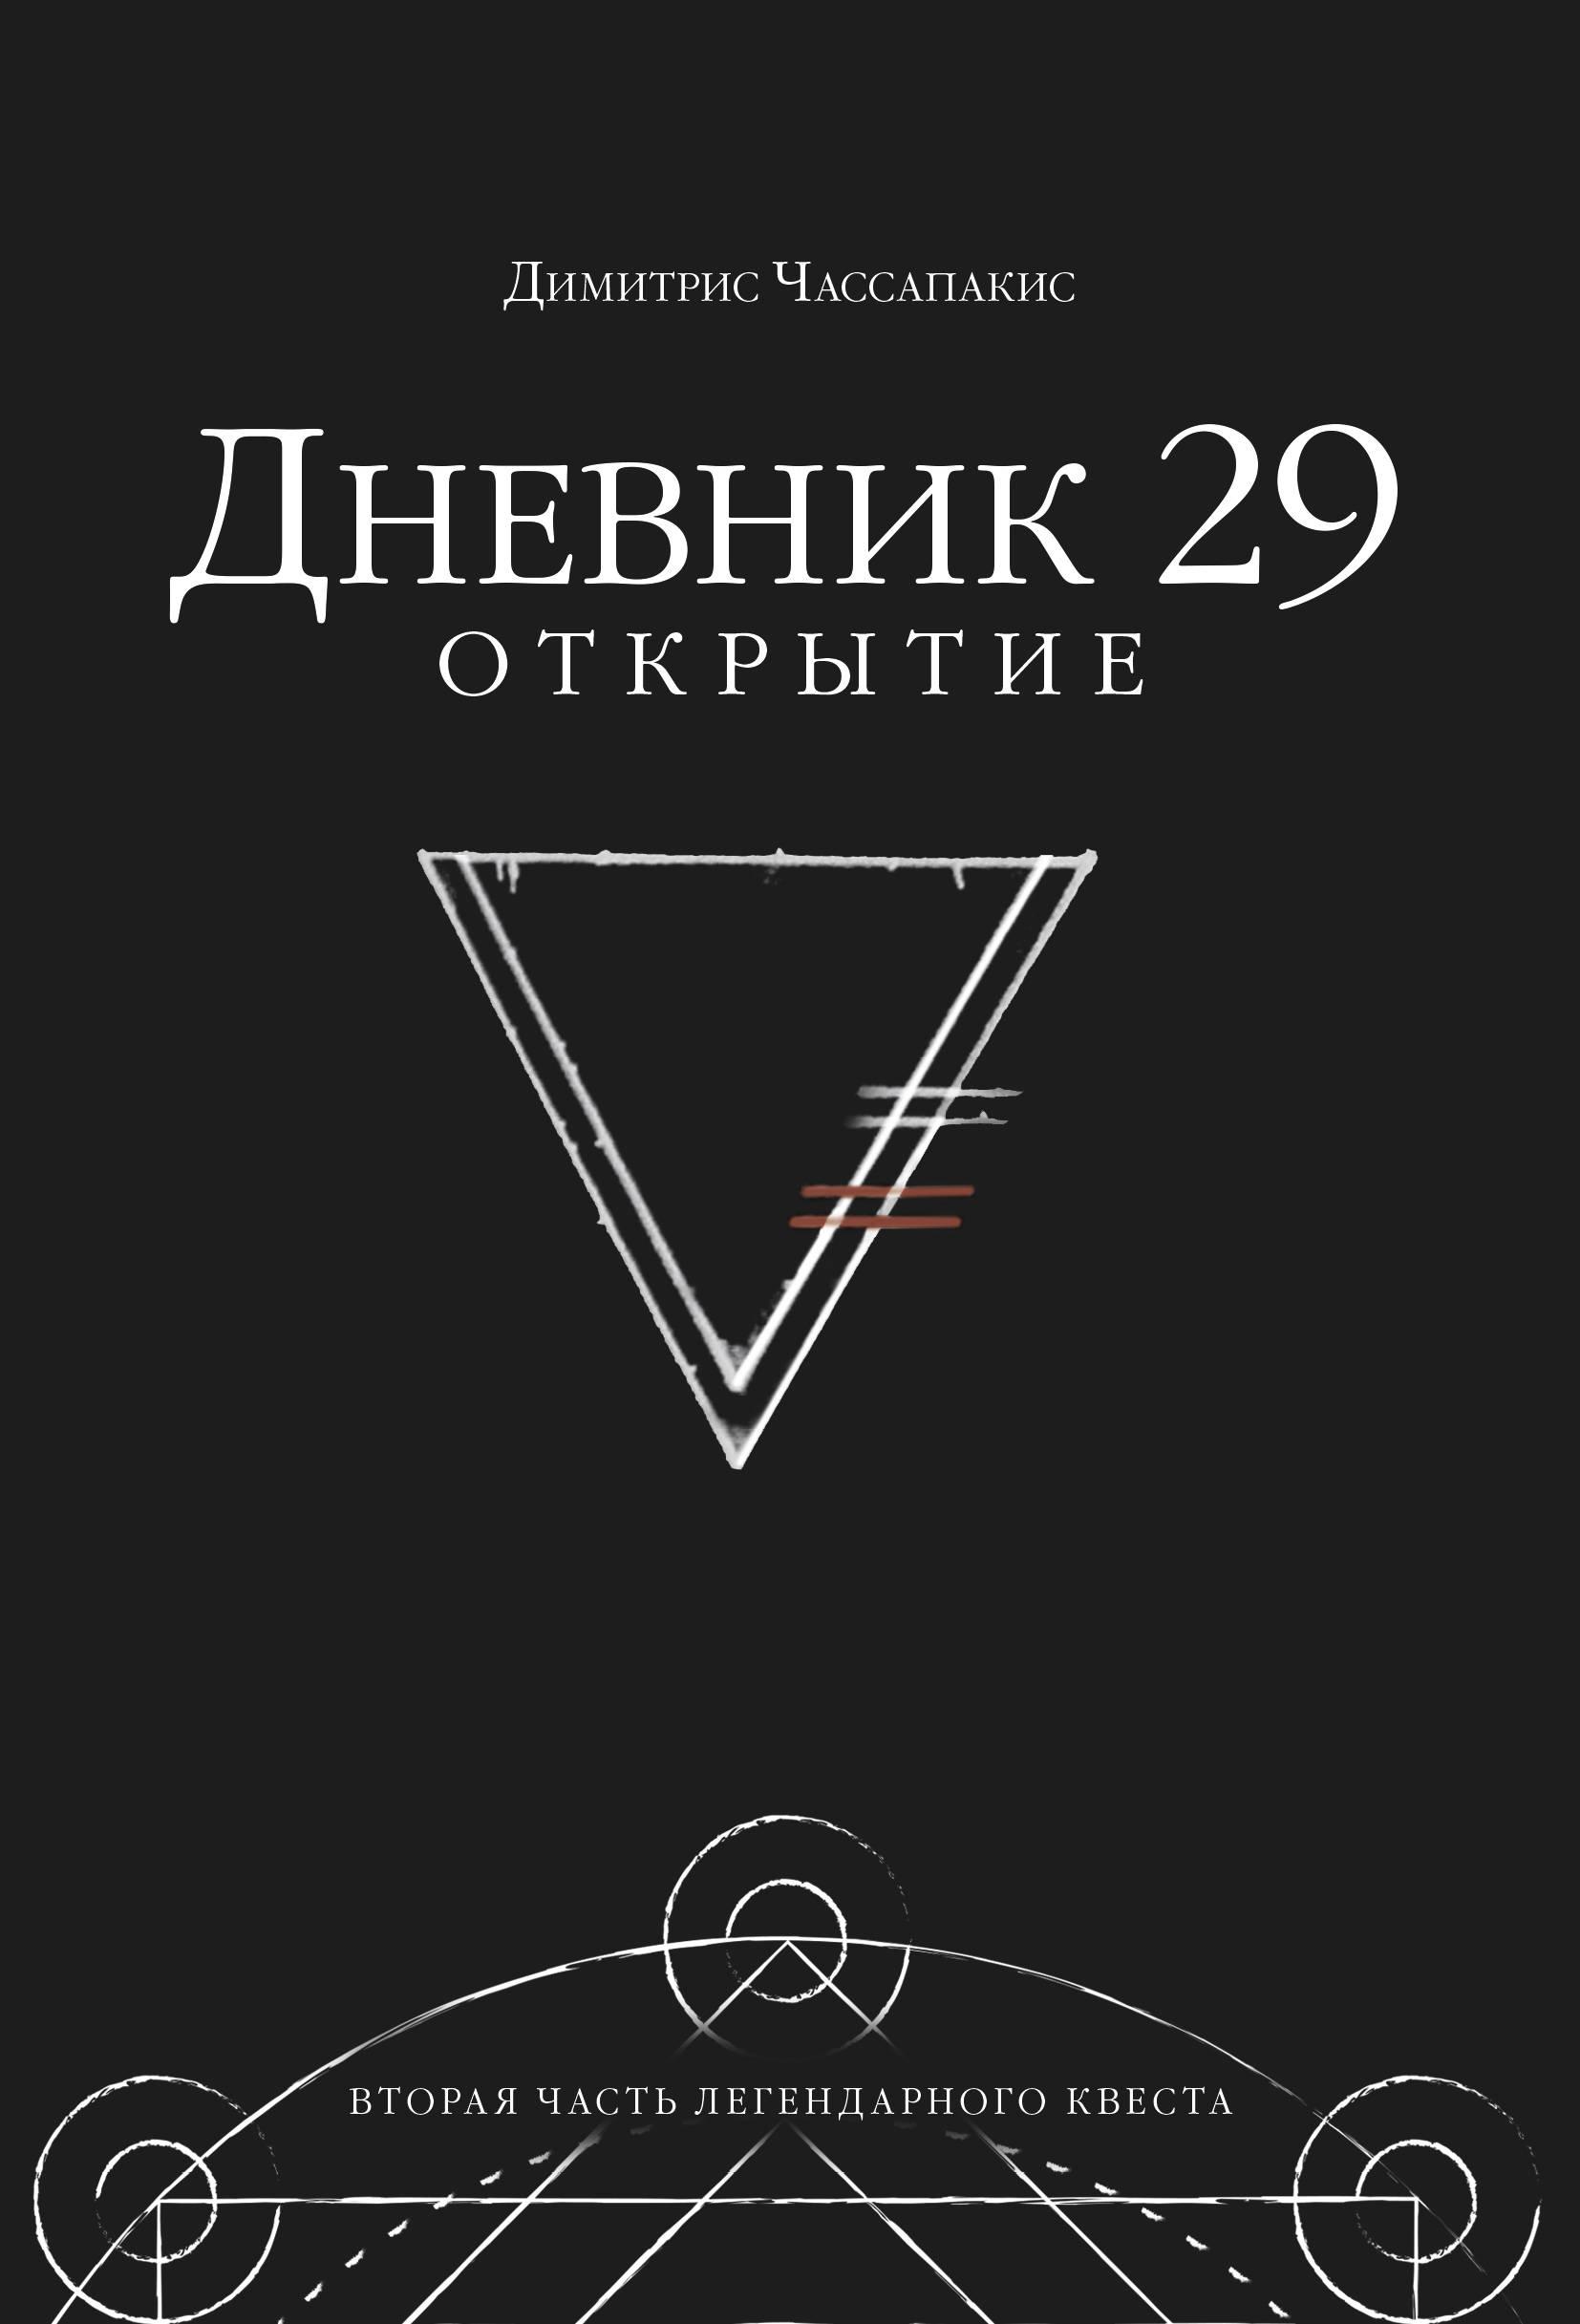 Dnevnik 29. Otkrytie